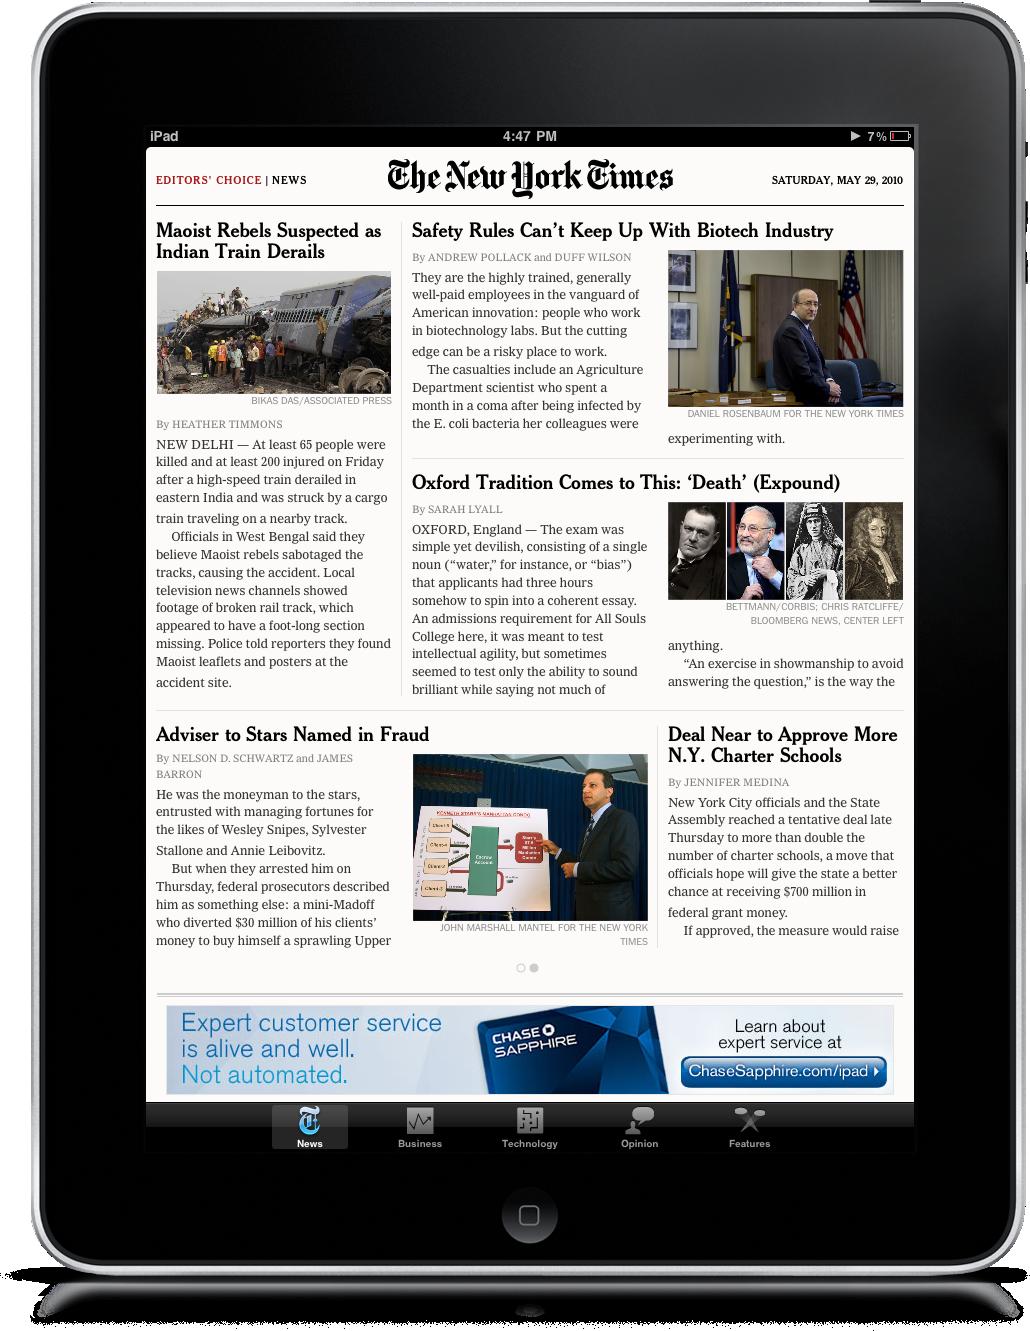 NYT_ipad (1)